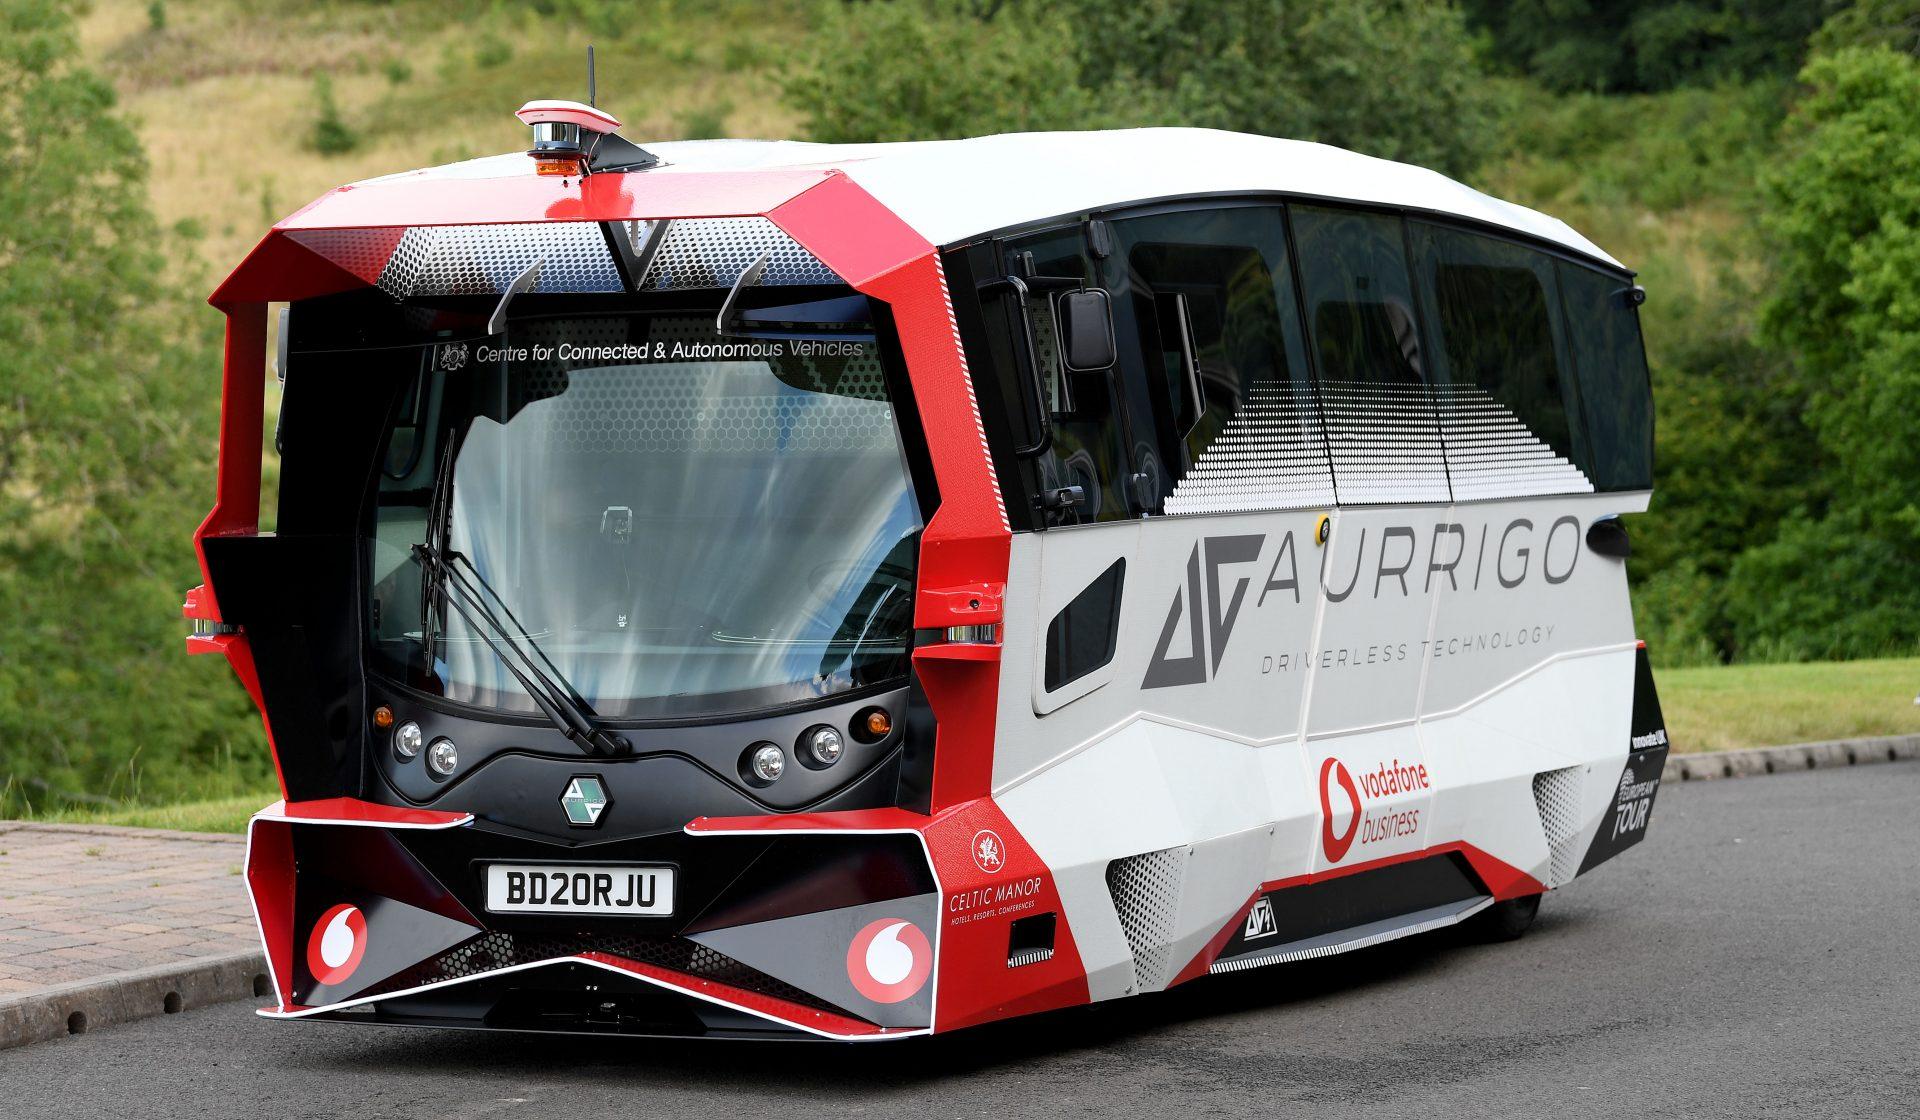 Aurrigo autonomous shuttle bus